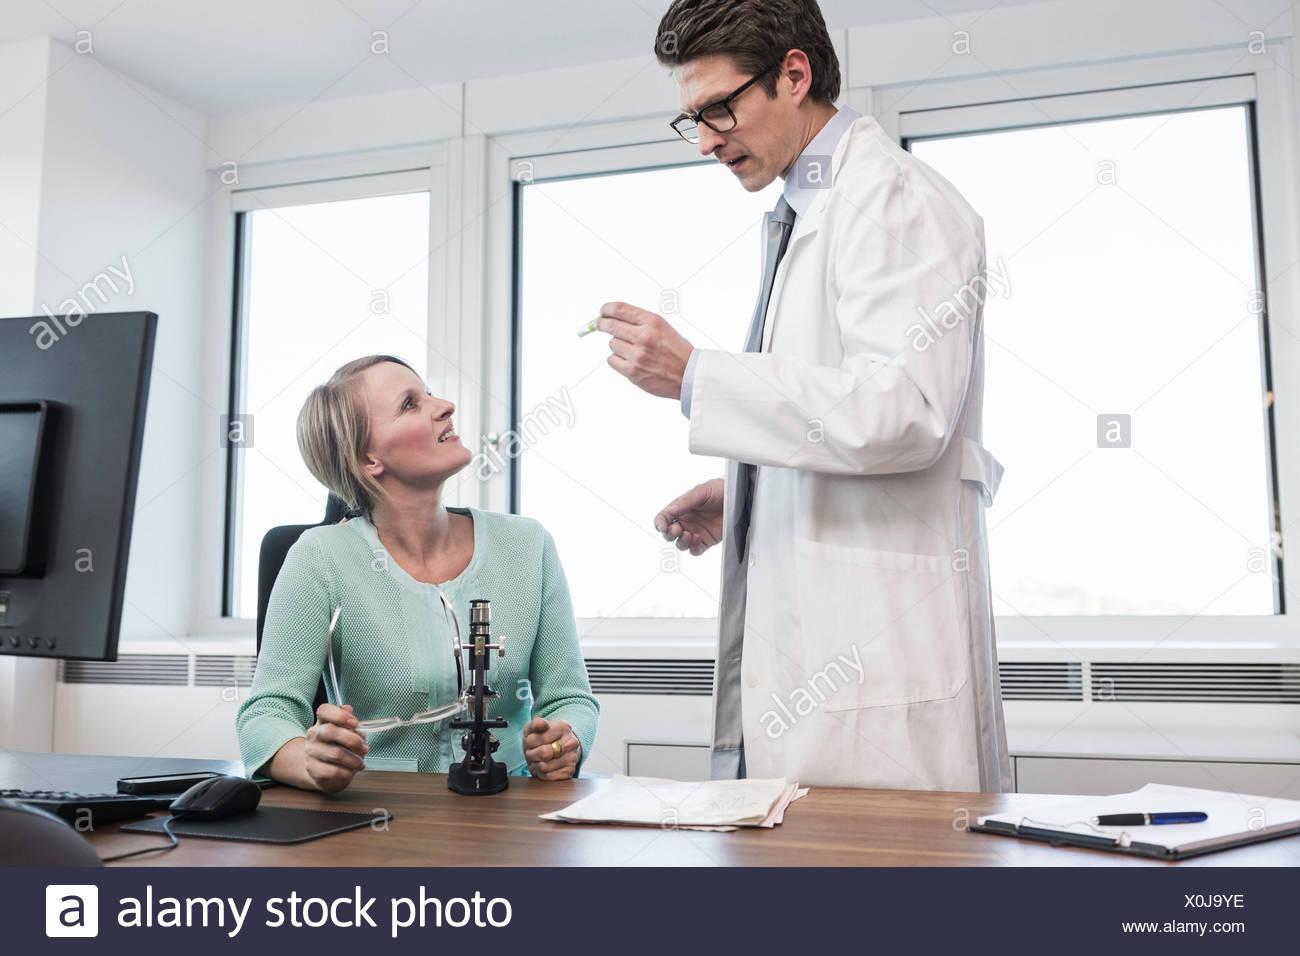 Uomo che indossa camice azienda provetta parlando di donna sat a scrivania Immagini Stock